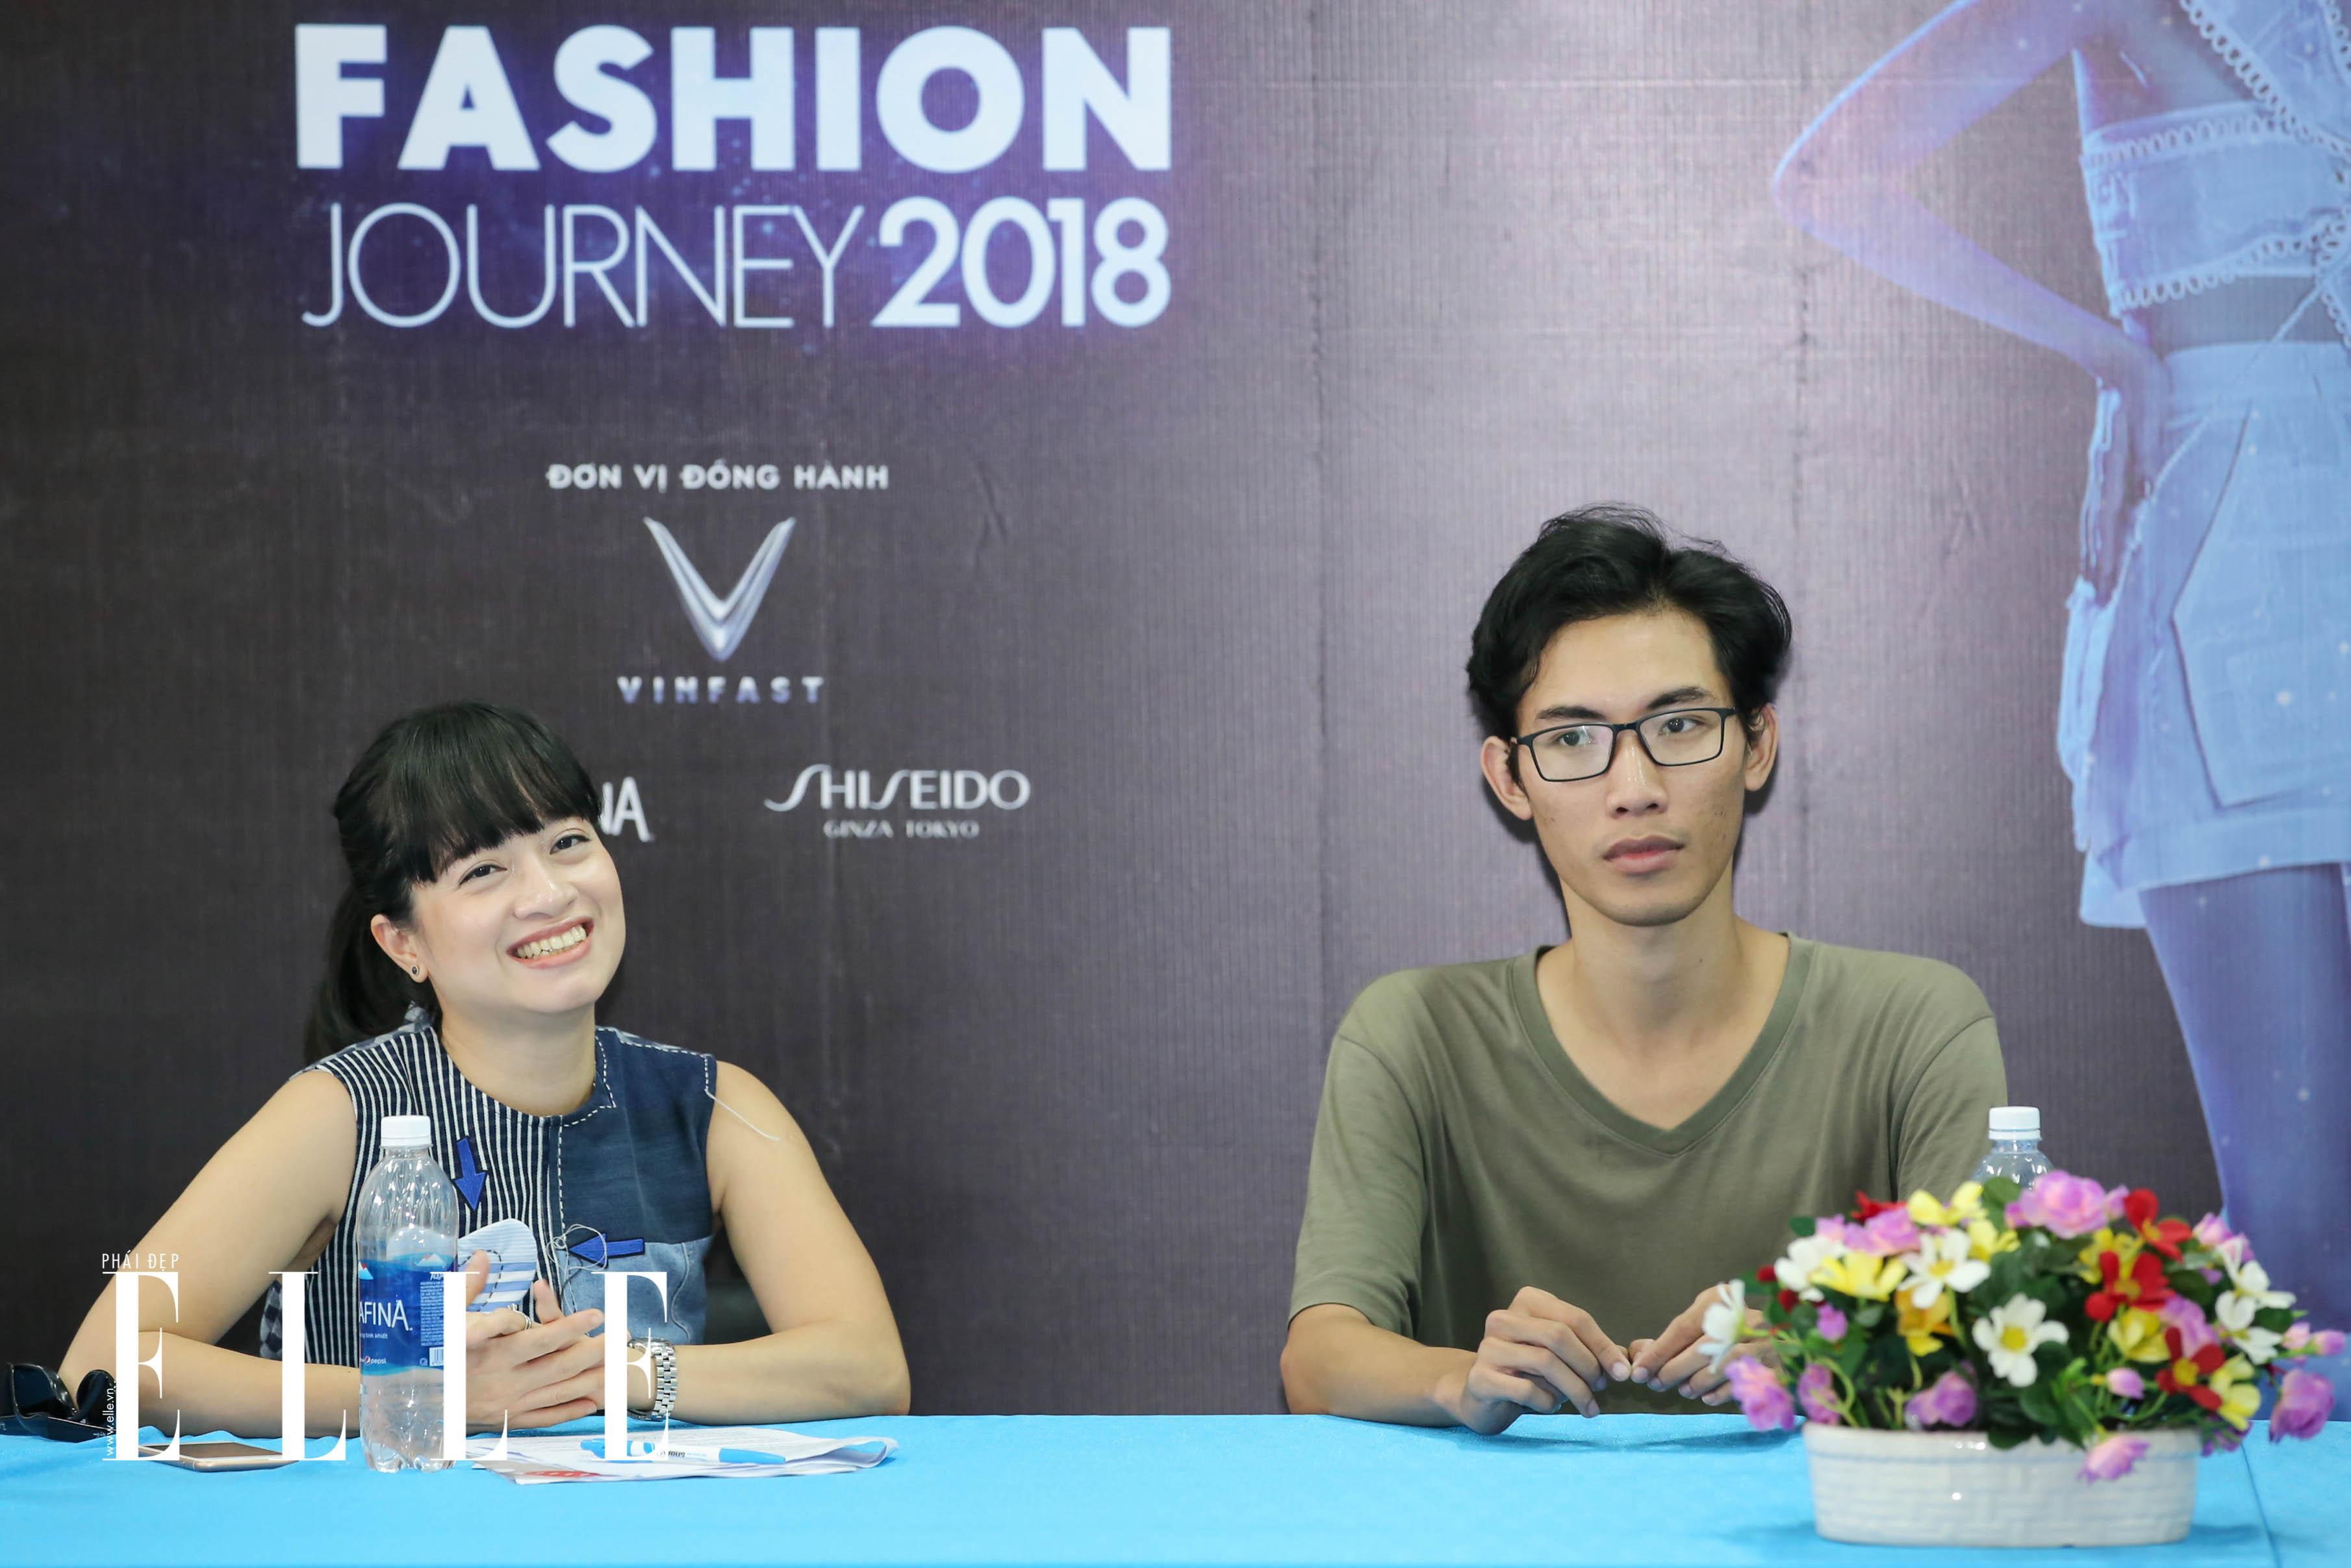 elle fashion road trip 2018 - dai hoc cong nghe sai gon - elle man1